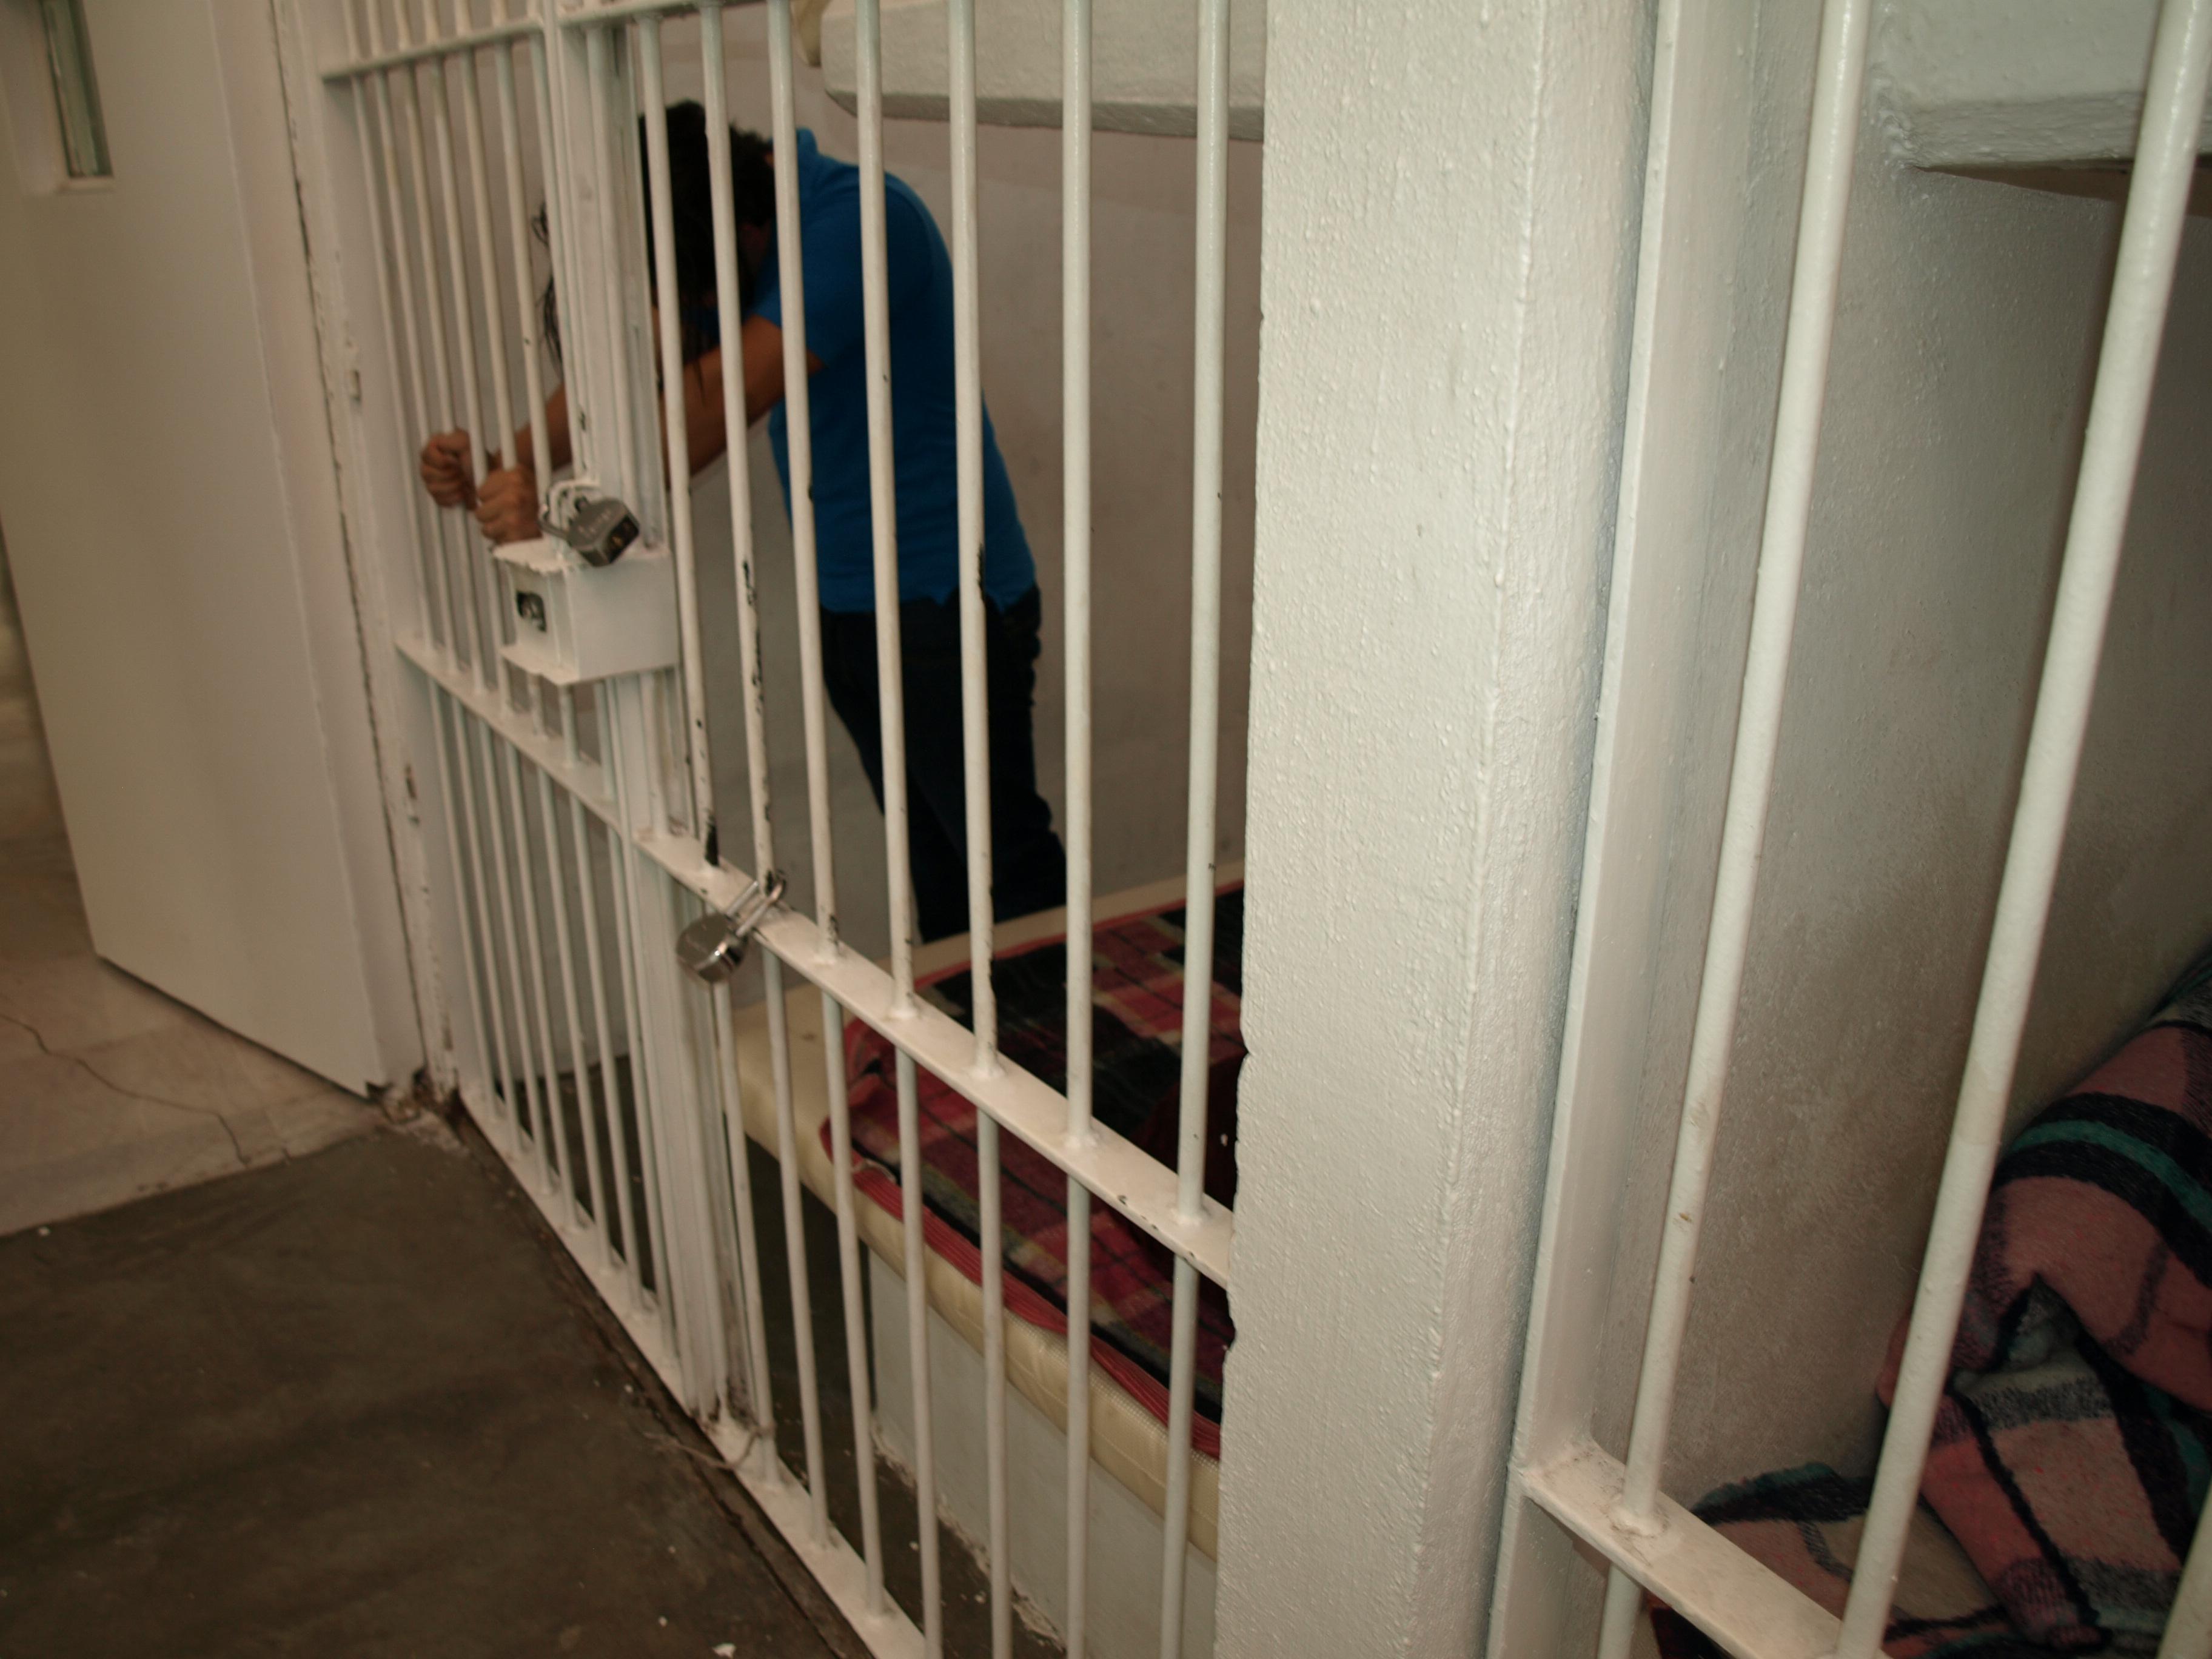 Le Dan 7 Años En Prisión Por Transportar Heroína El Otro Enfoque